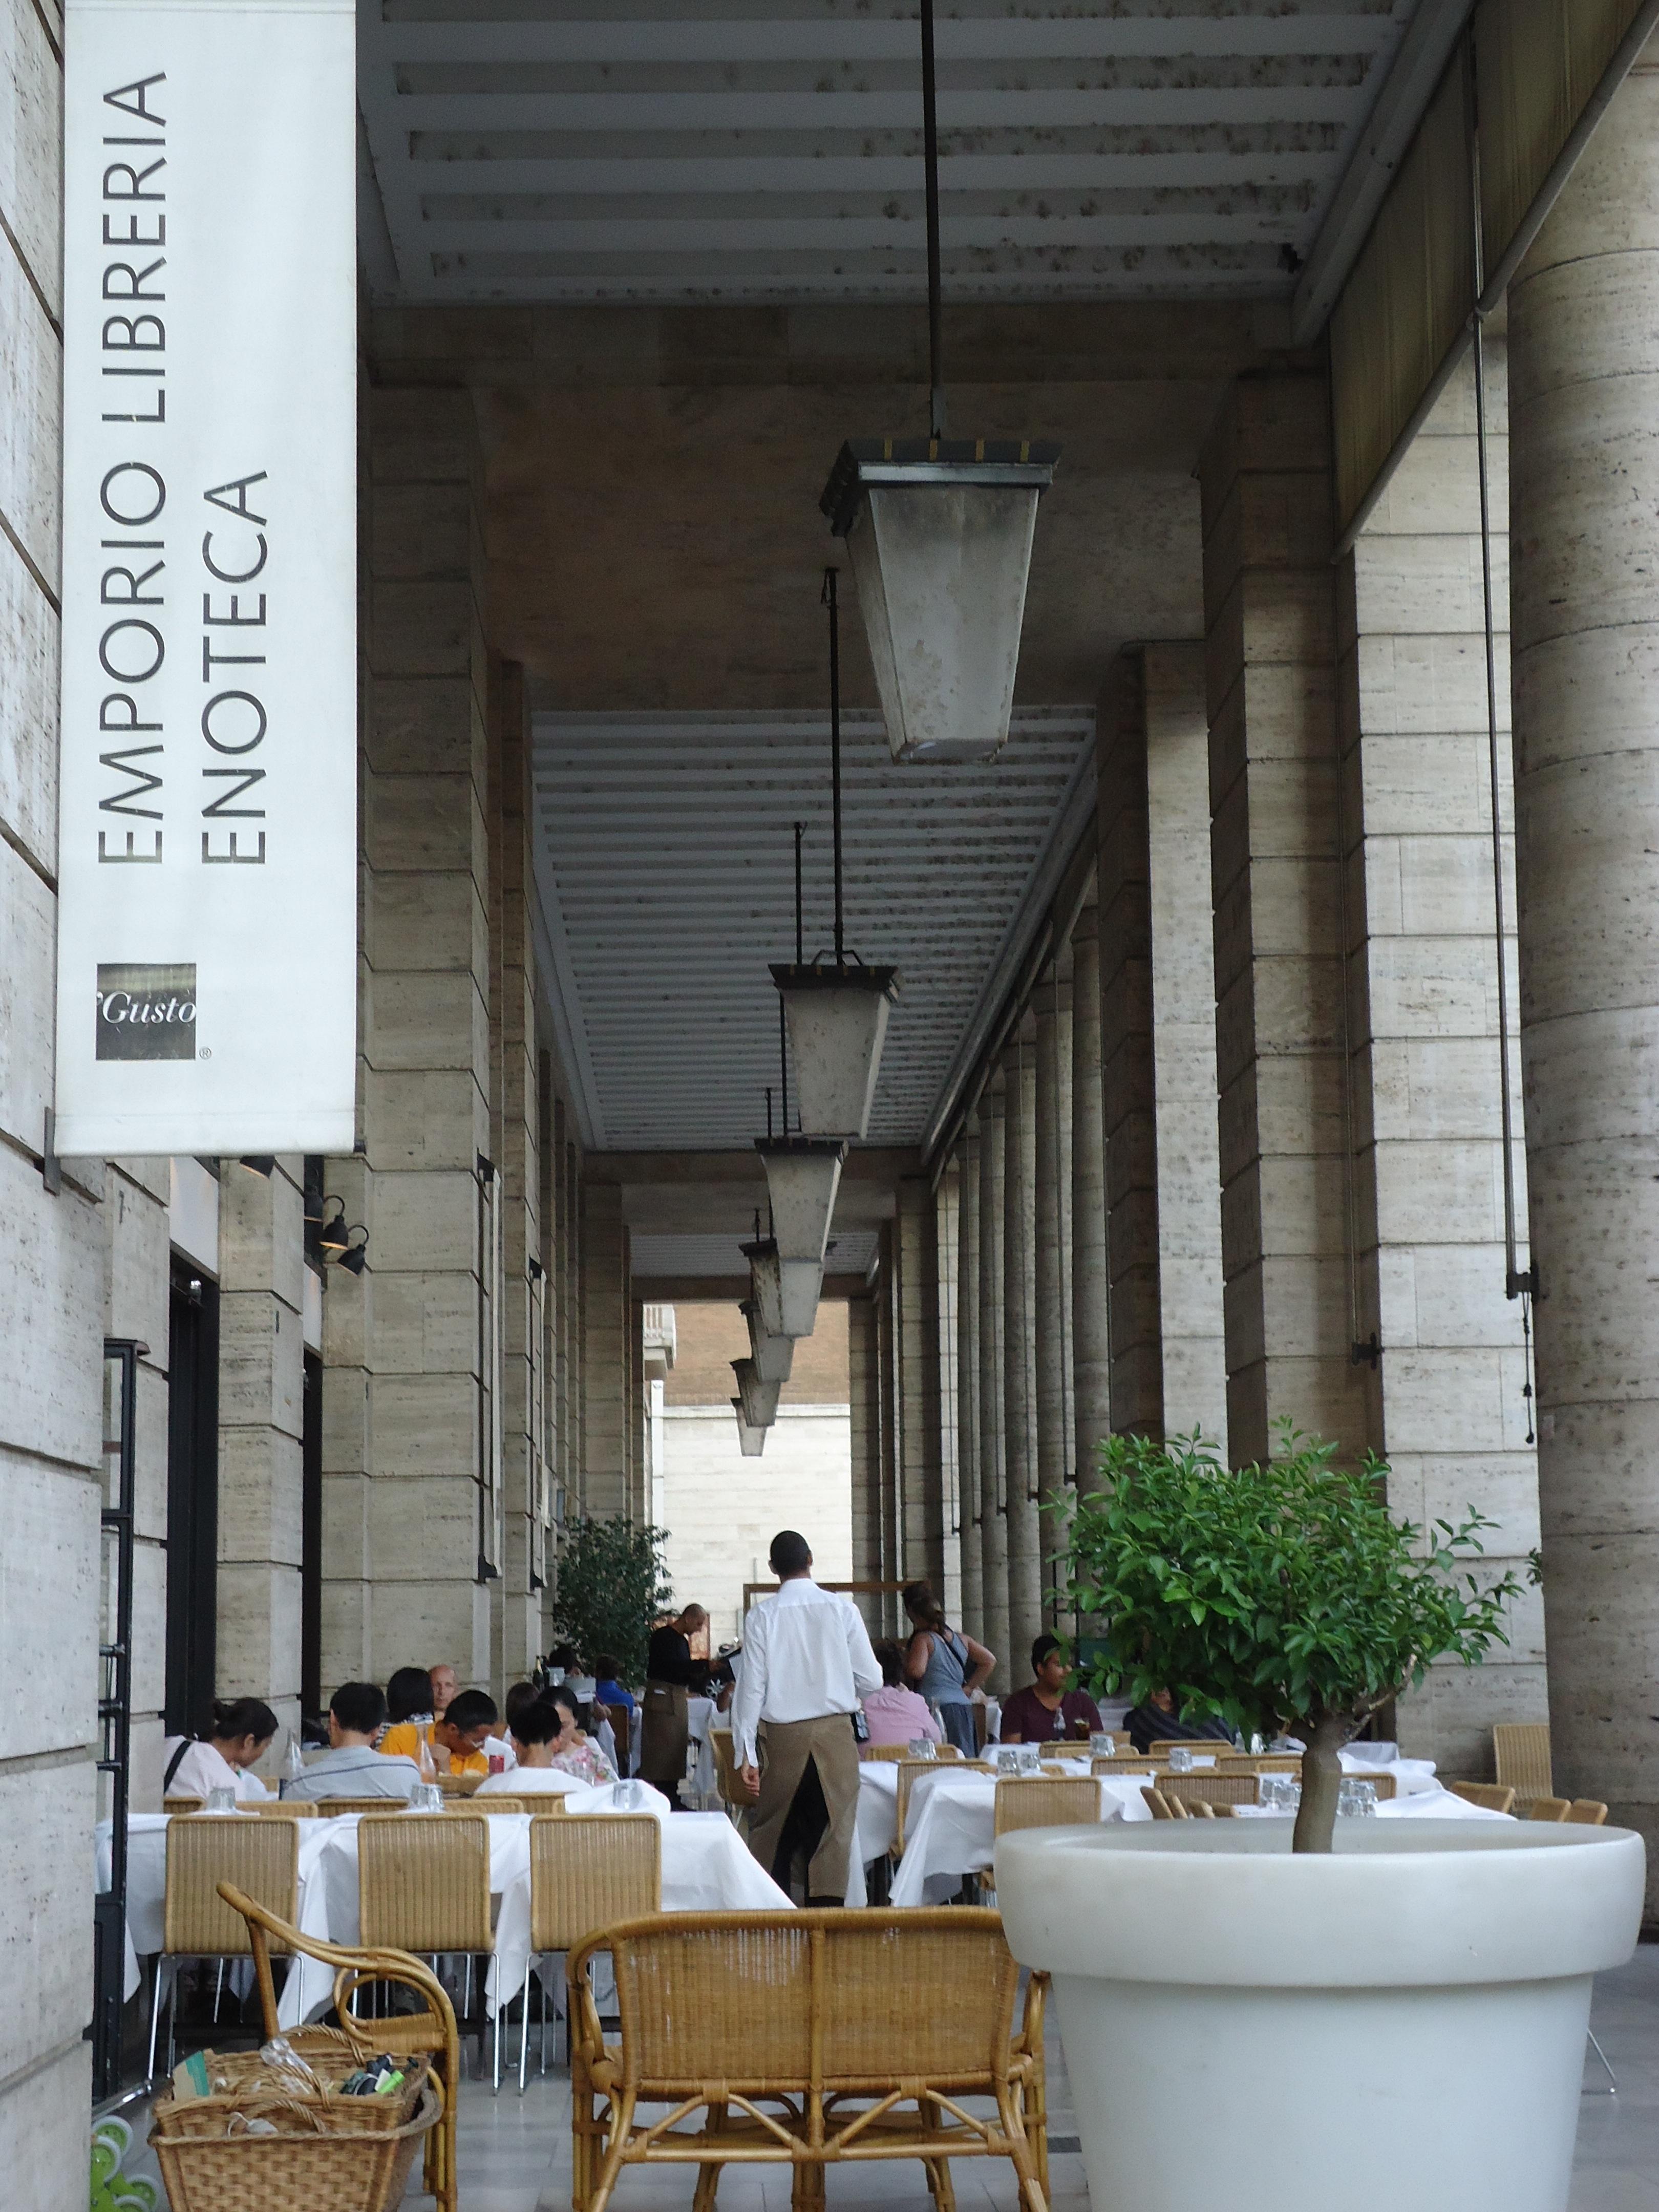 Gusto - restaurant - Rome